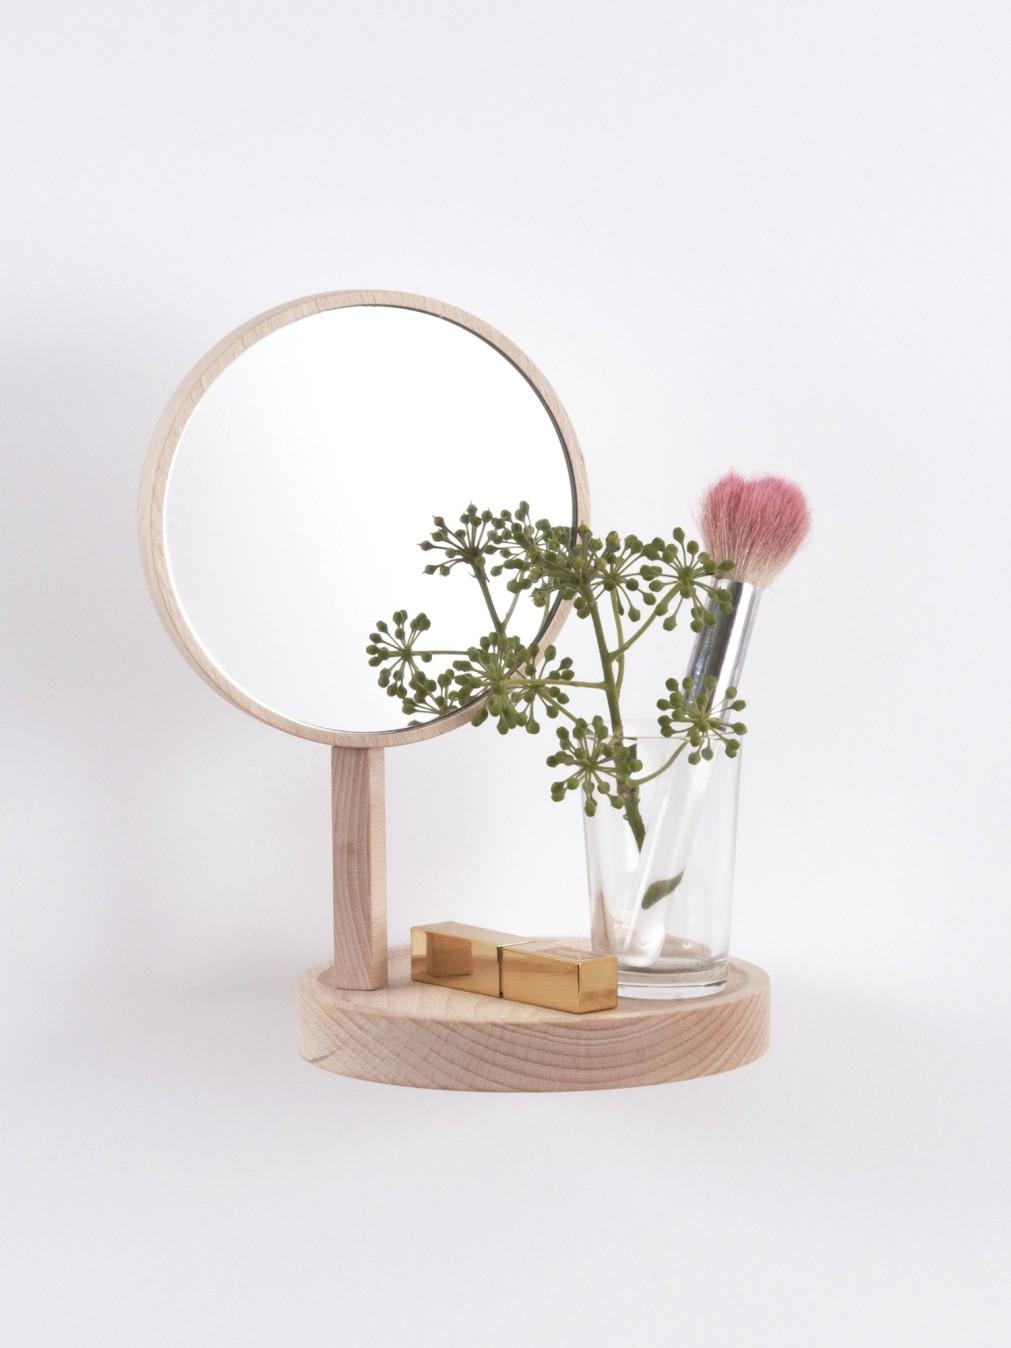 Miroir Bois Clair : moustache/etagere-en-hetre-miroir-bois-clair-belvedere.jpg Pinterest